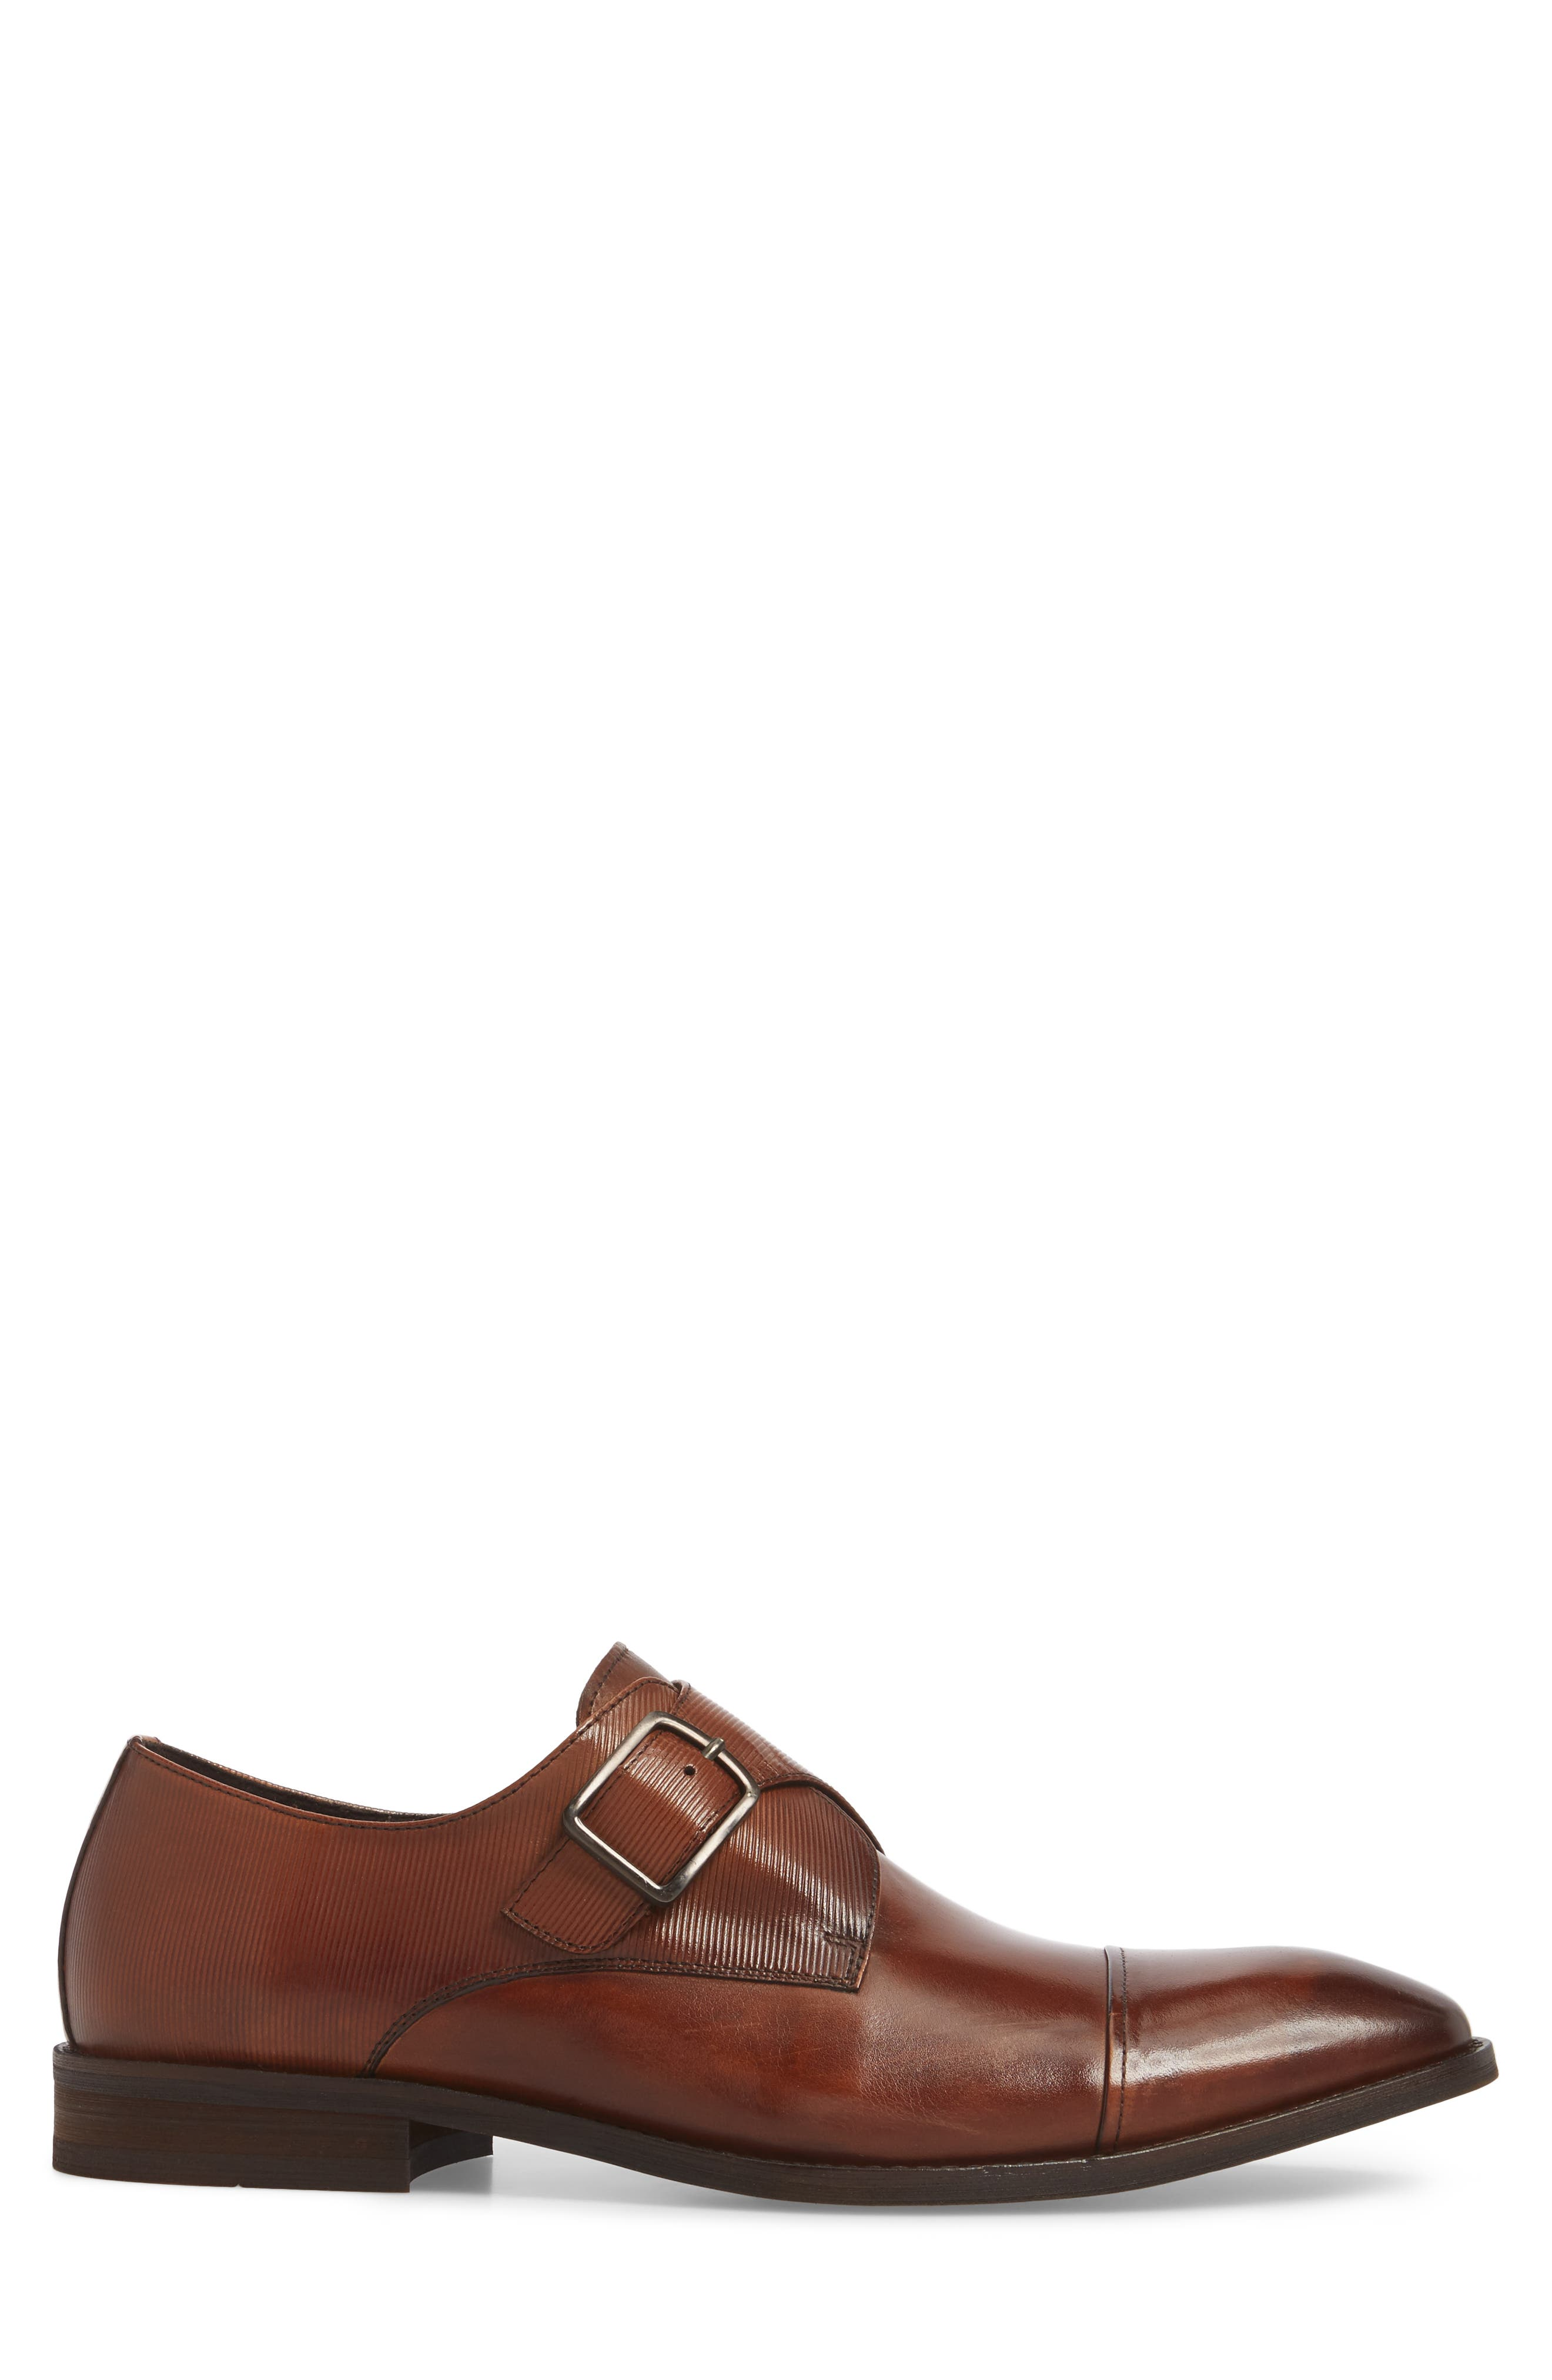 Courage Monk Strap Shoe,                             Alternate thumbnail 3, color,                             Cognac Leather